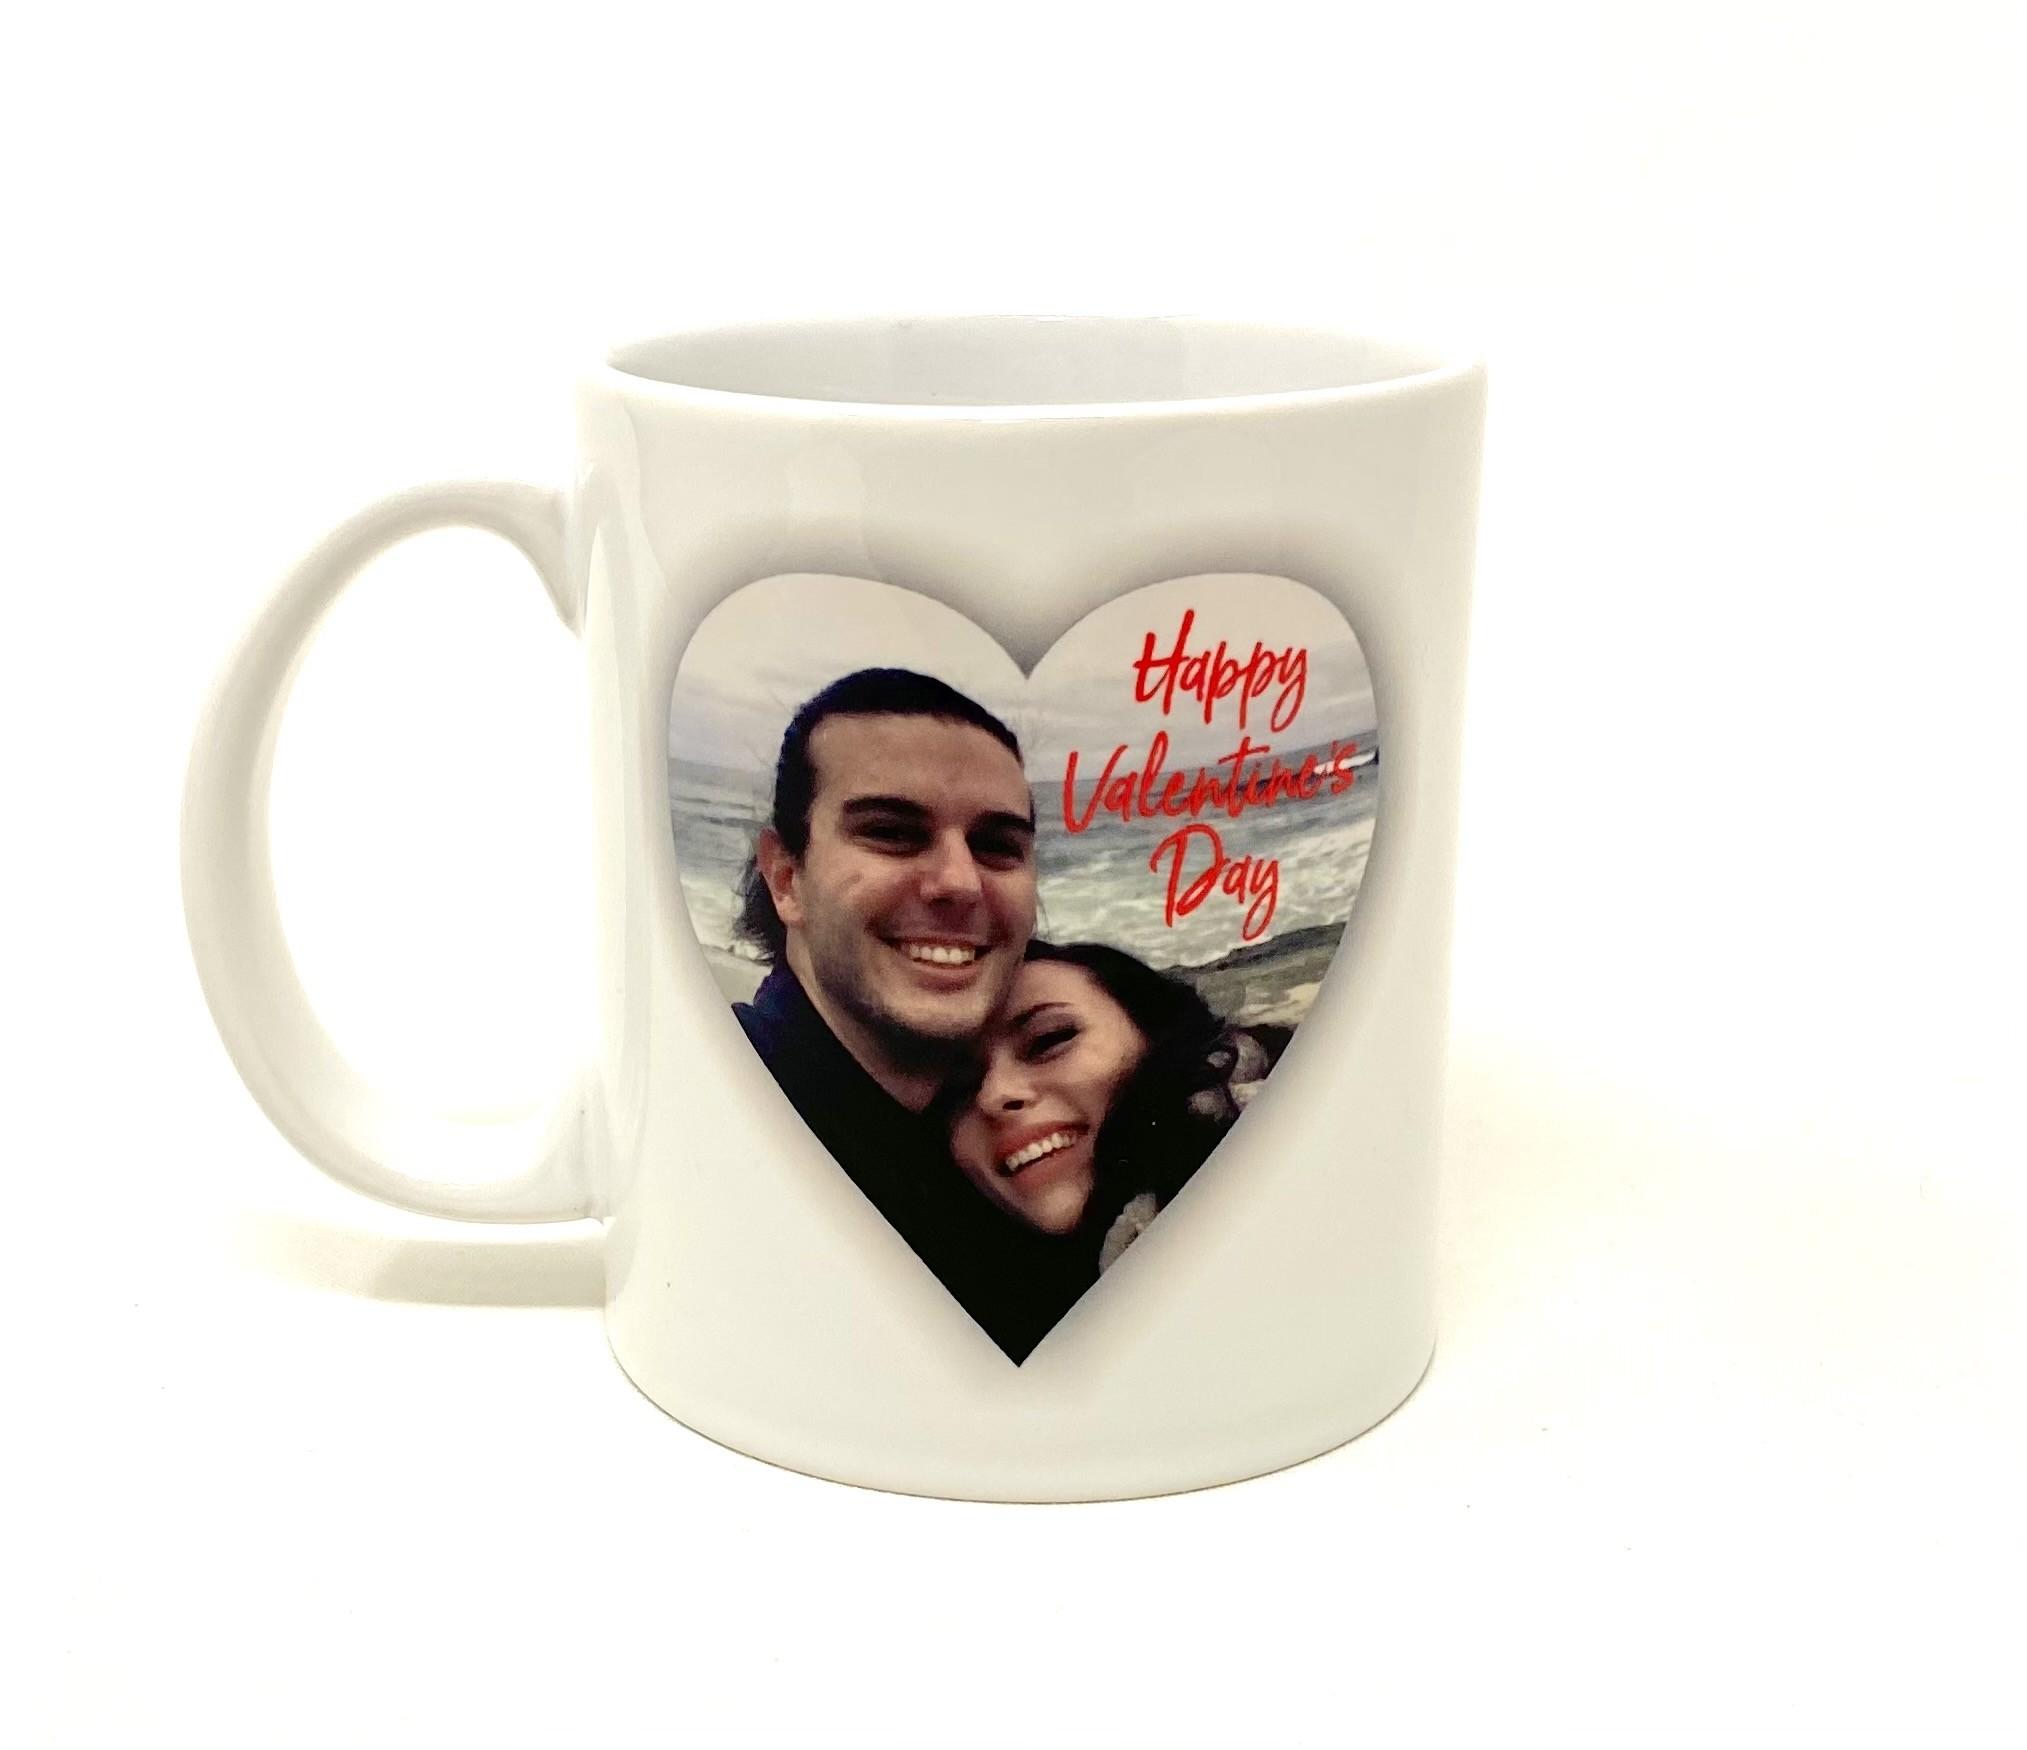 Valentines Day Ceramic Mug 11 oz.